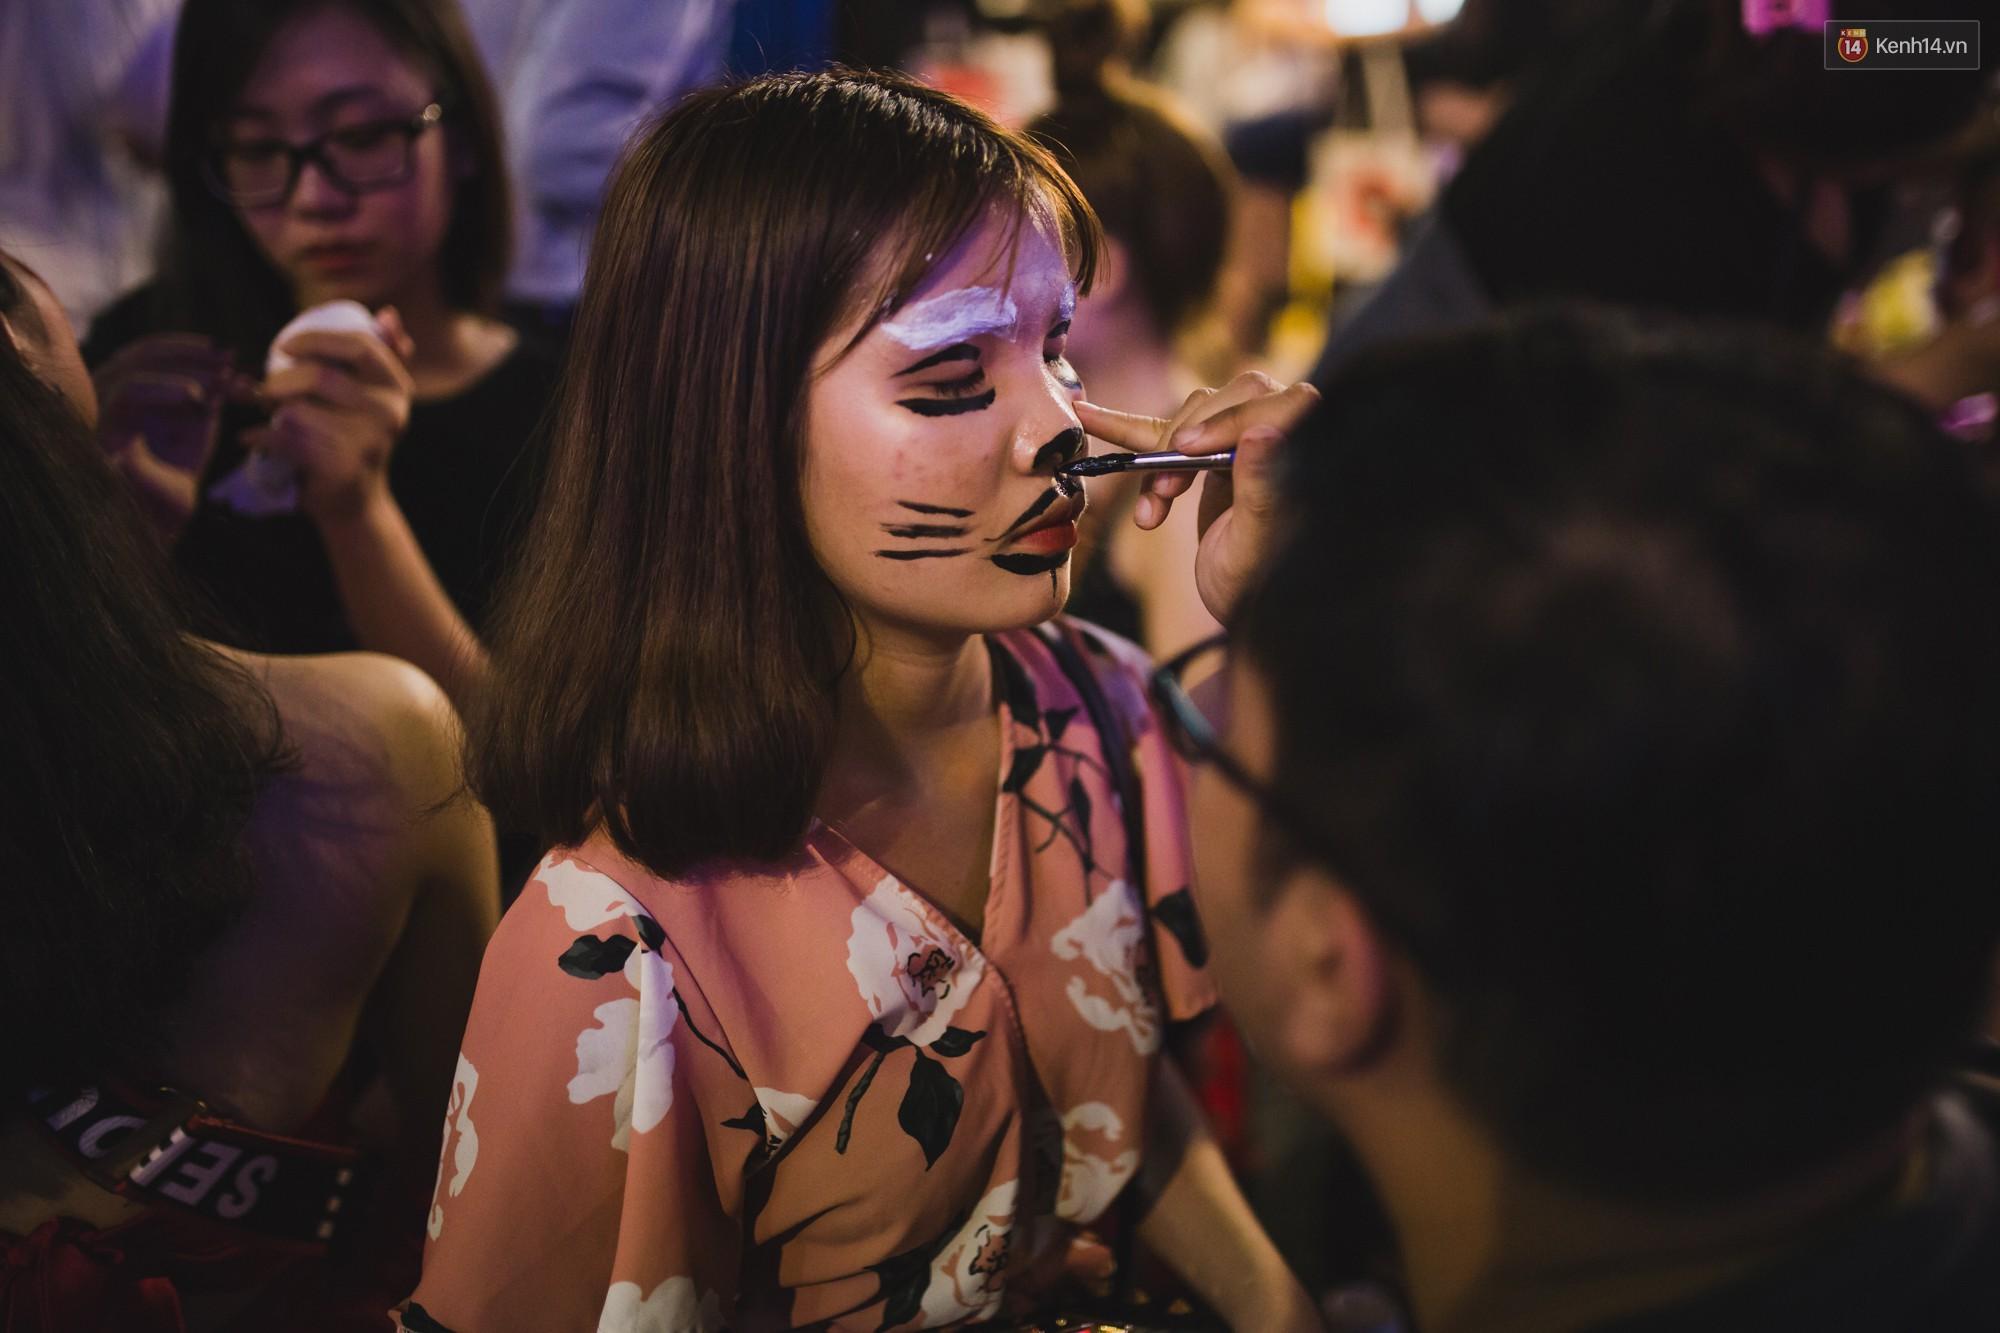 Hà Nội và Sài Gòn tràn ngập ma quỷ đêm Halloween: Từ cương thi, vô diện đến phù thủy tưng bừng xuống phố - Ảnh 14.